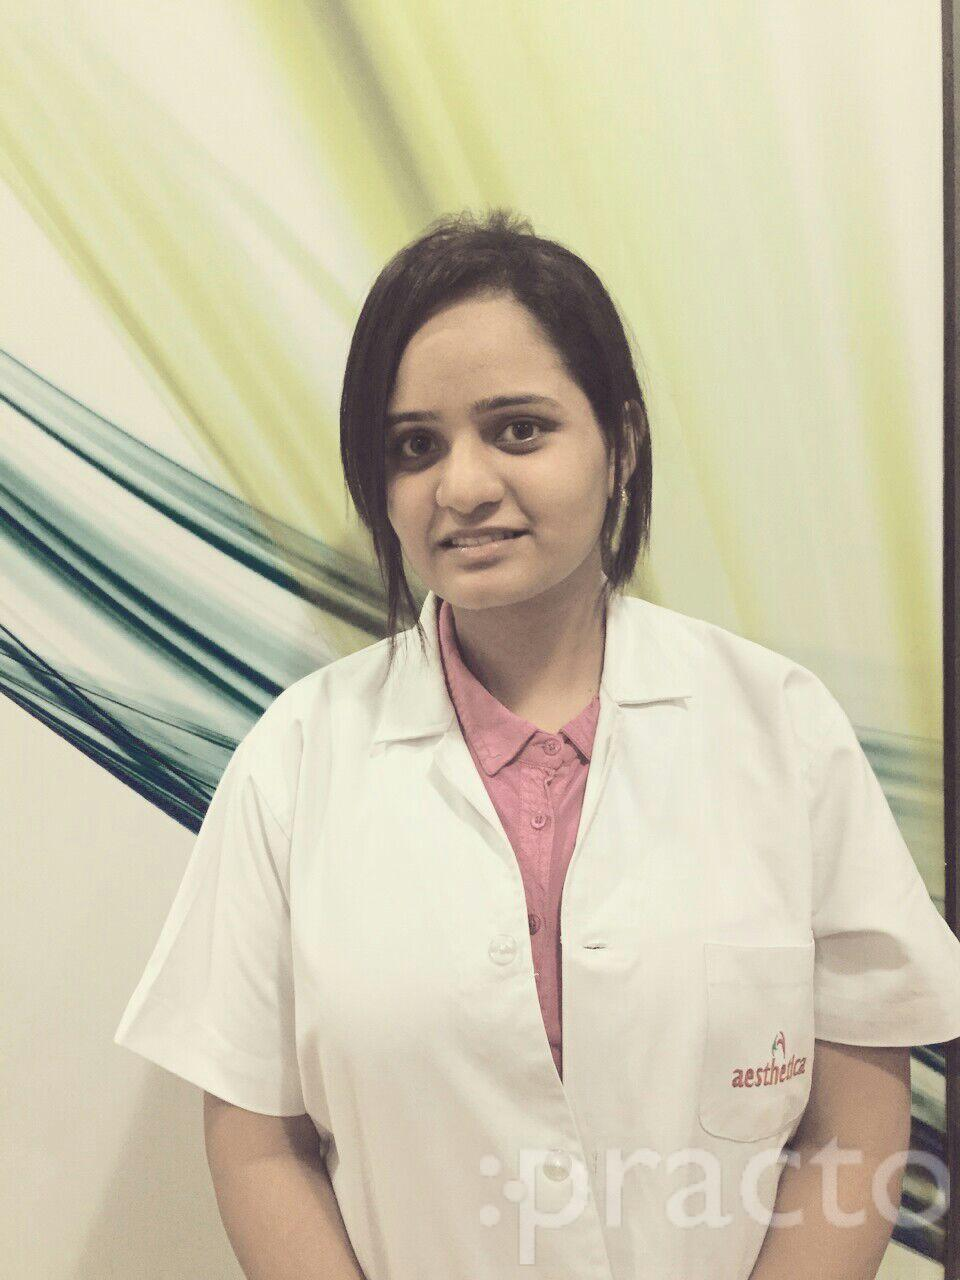 Dr. Priyanka Shukla - Dentist